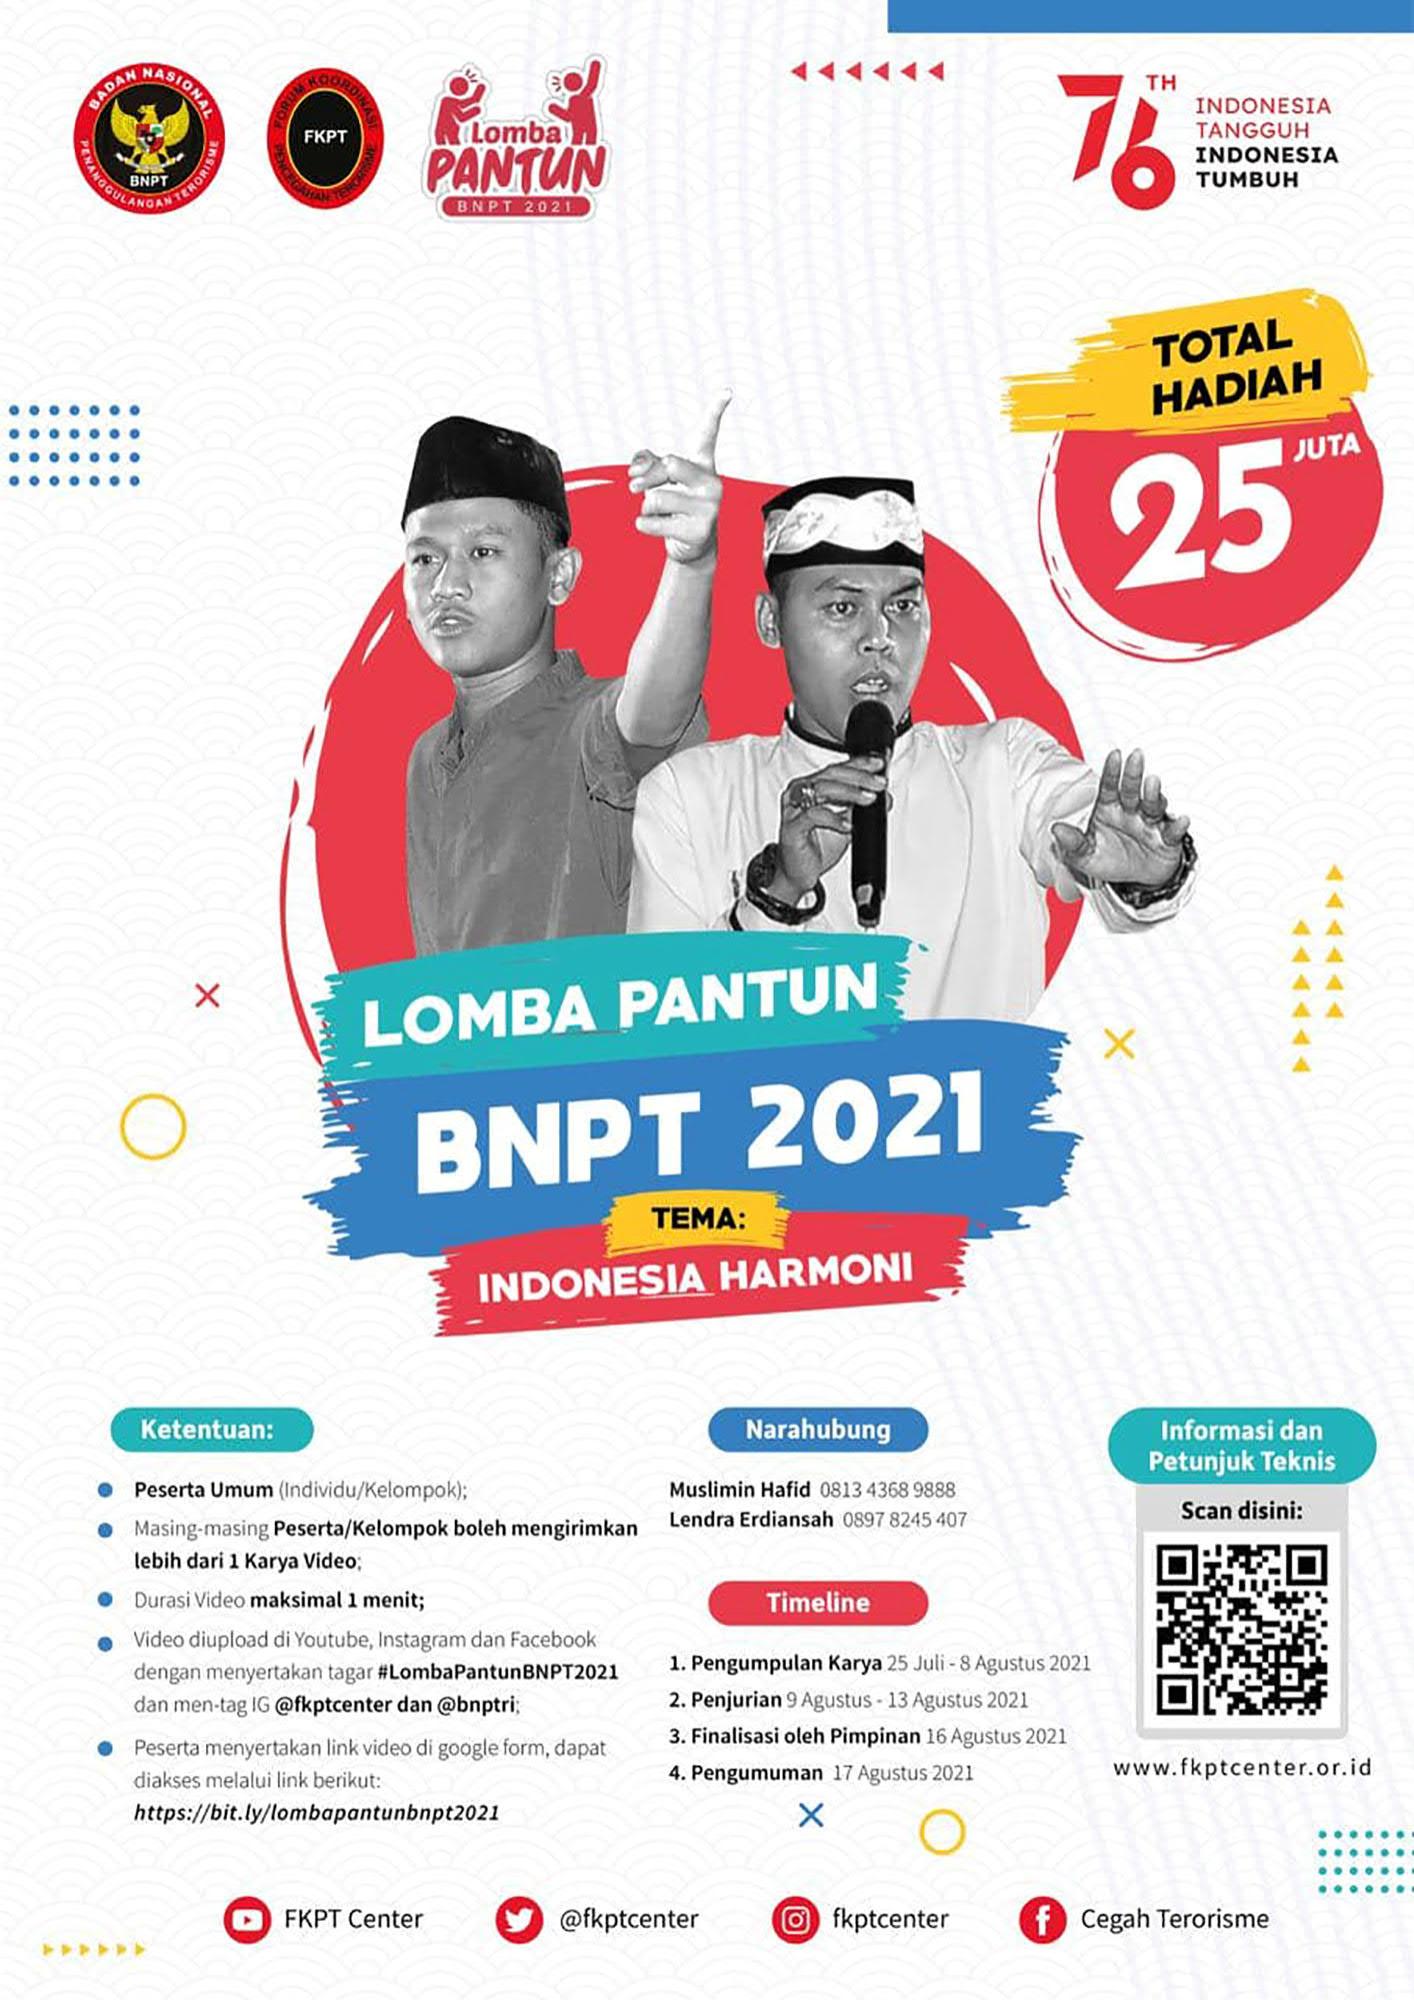 Lomba Pantun Berhadiah Uang Tunai Jutaan Rupiah oleh BNPT